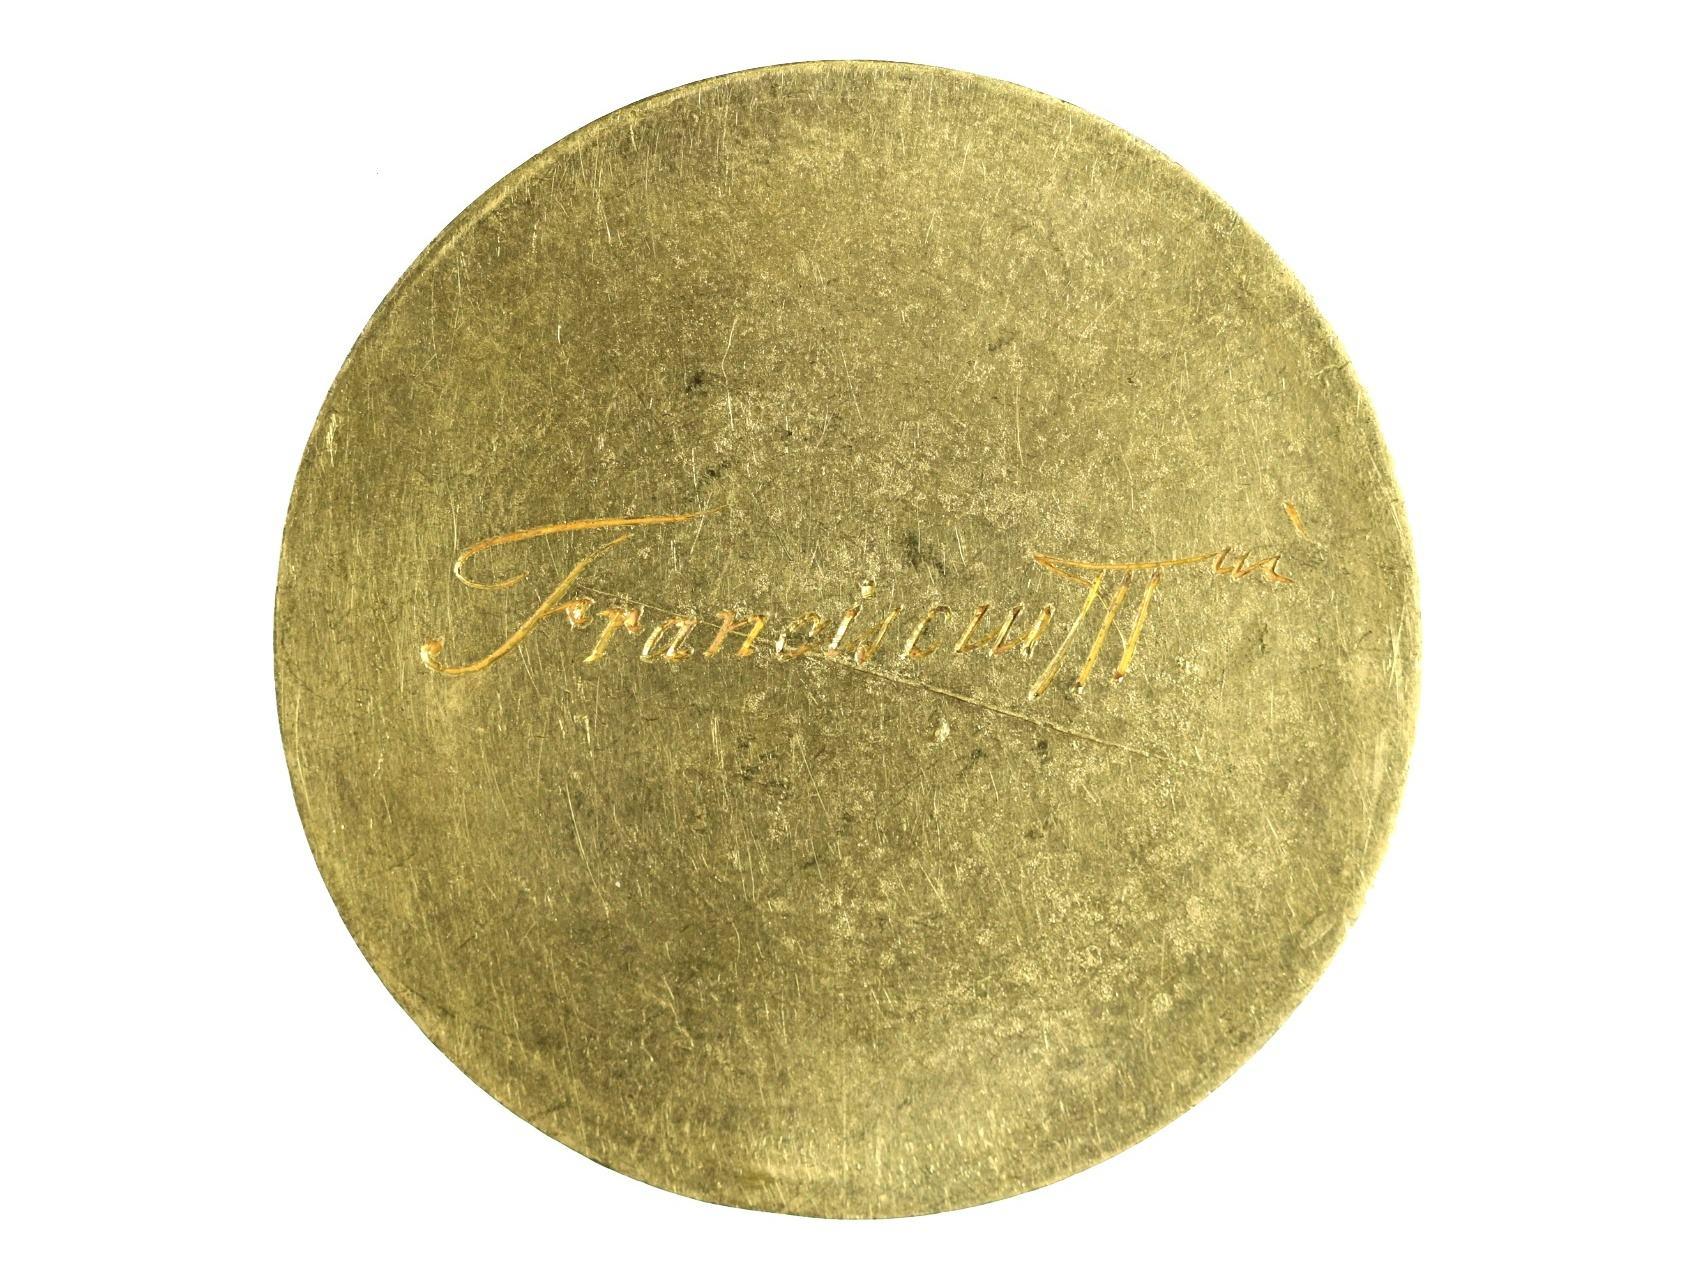 František Lotrinský 1745-1765 - zlatá 25-ti dukátová medaile s opisem SALVTEM EX INIMICIS, na R vyryto